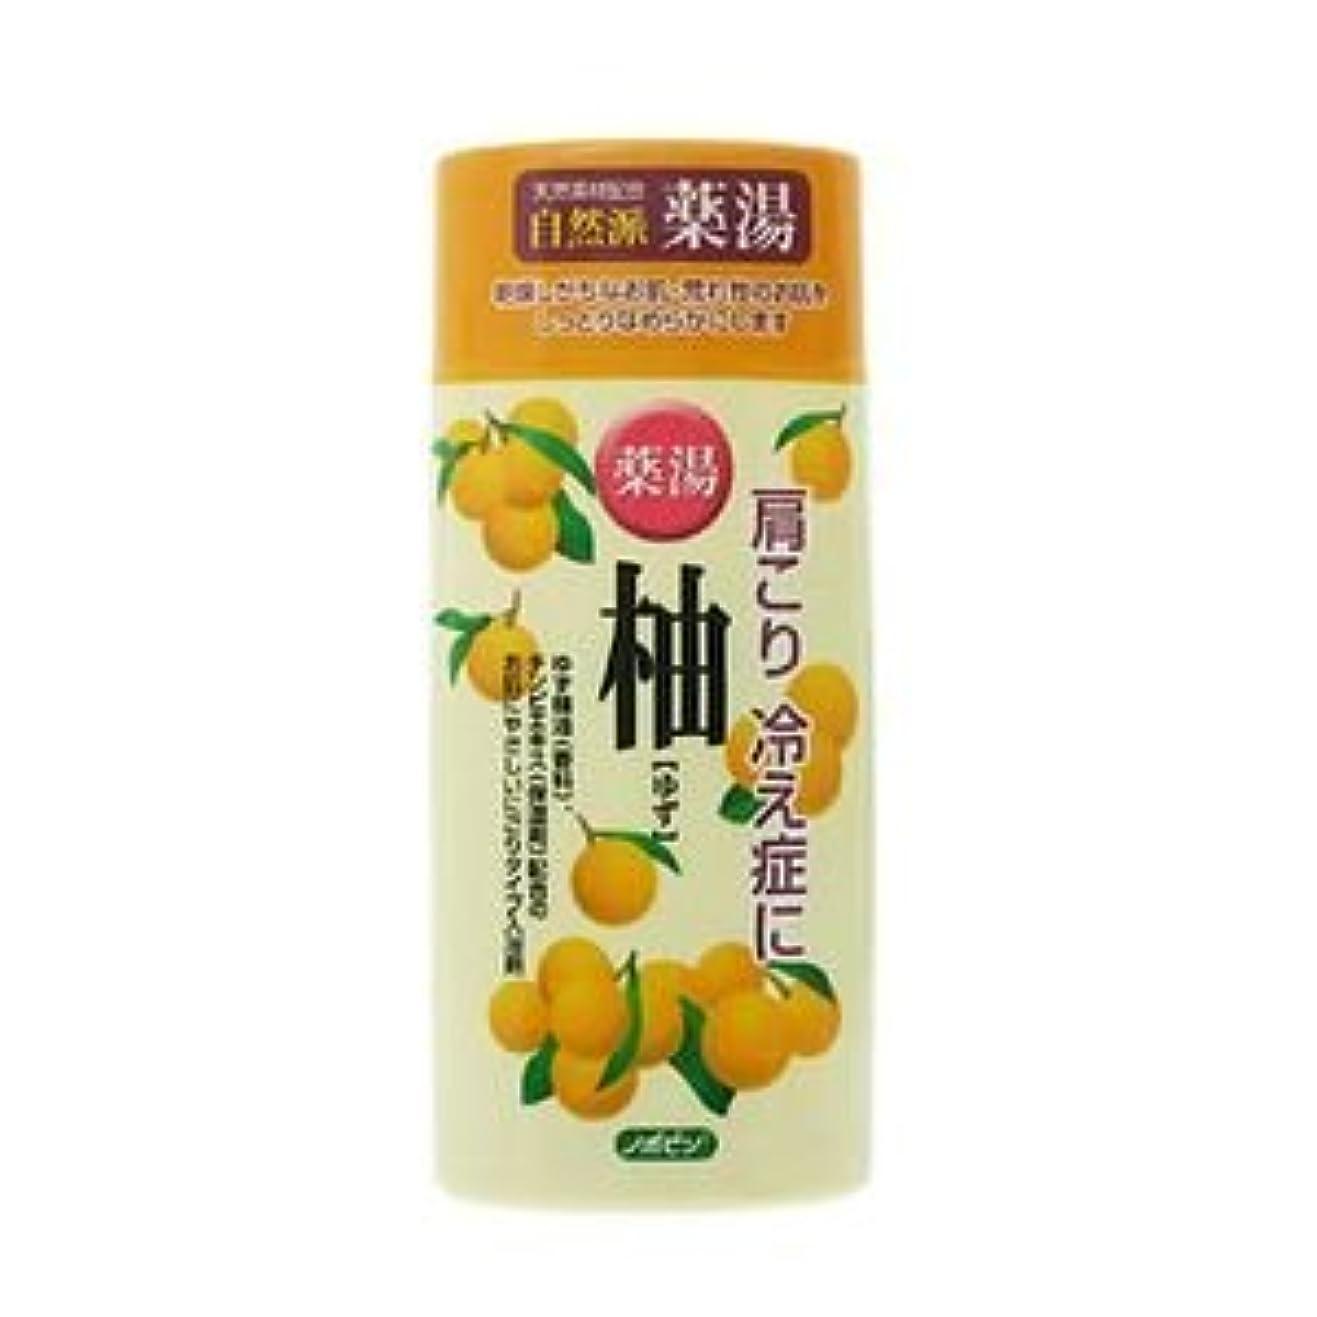 ピカソパースヒューマニスティック紀陽除虫菊 ノボピン 薬湯 柚 ゆず(にごり湯) 480gボトル【まとめ買い20個セット】 N-0018